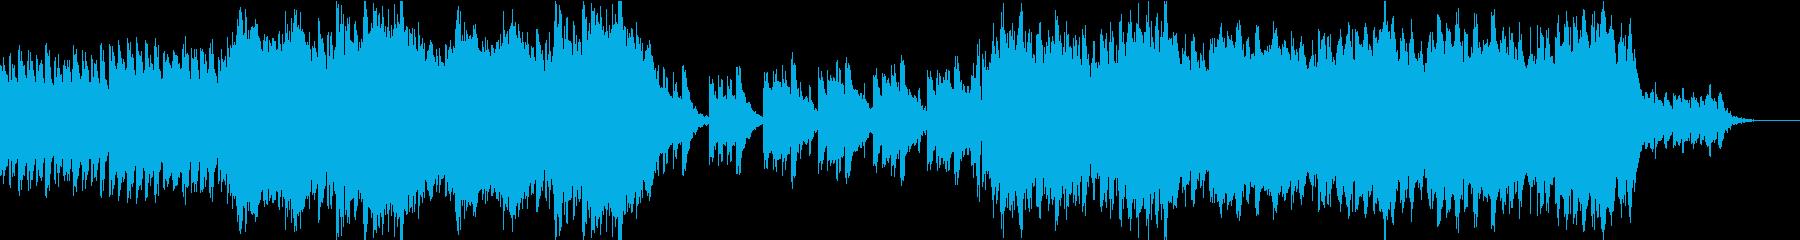 神秘的な秘境の再生済みの波形